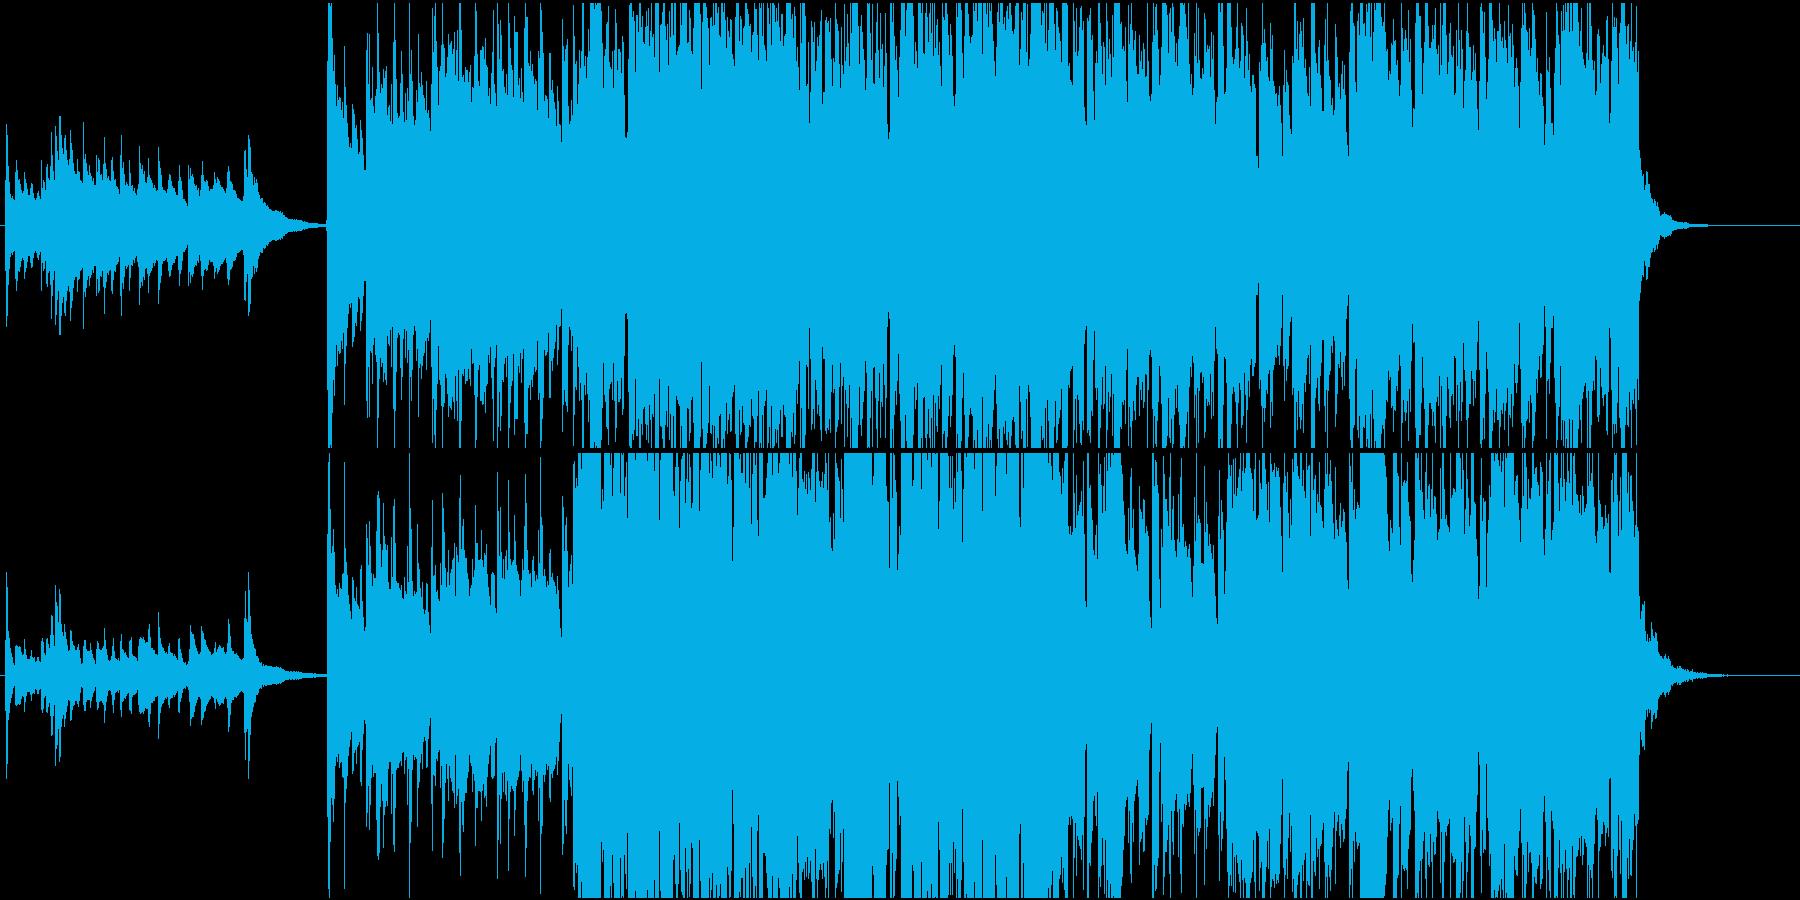 琴の音色が印象的な切ない和風インストの再生済みの波形